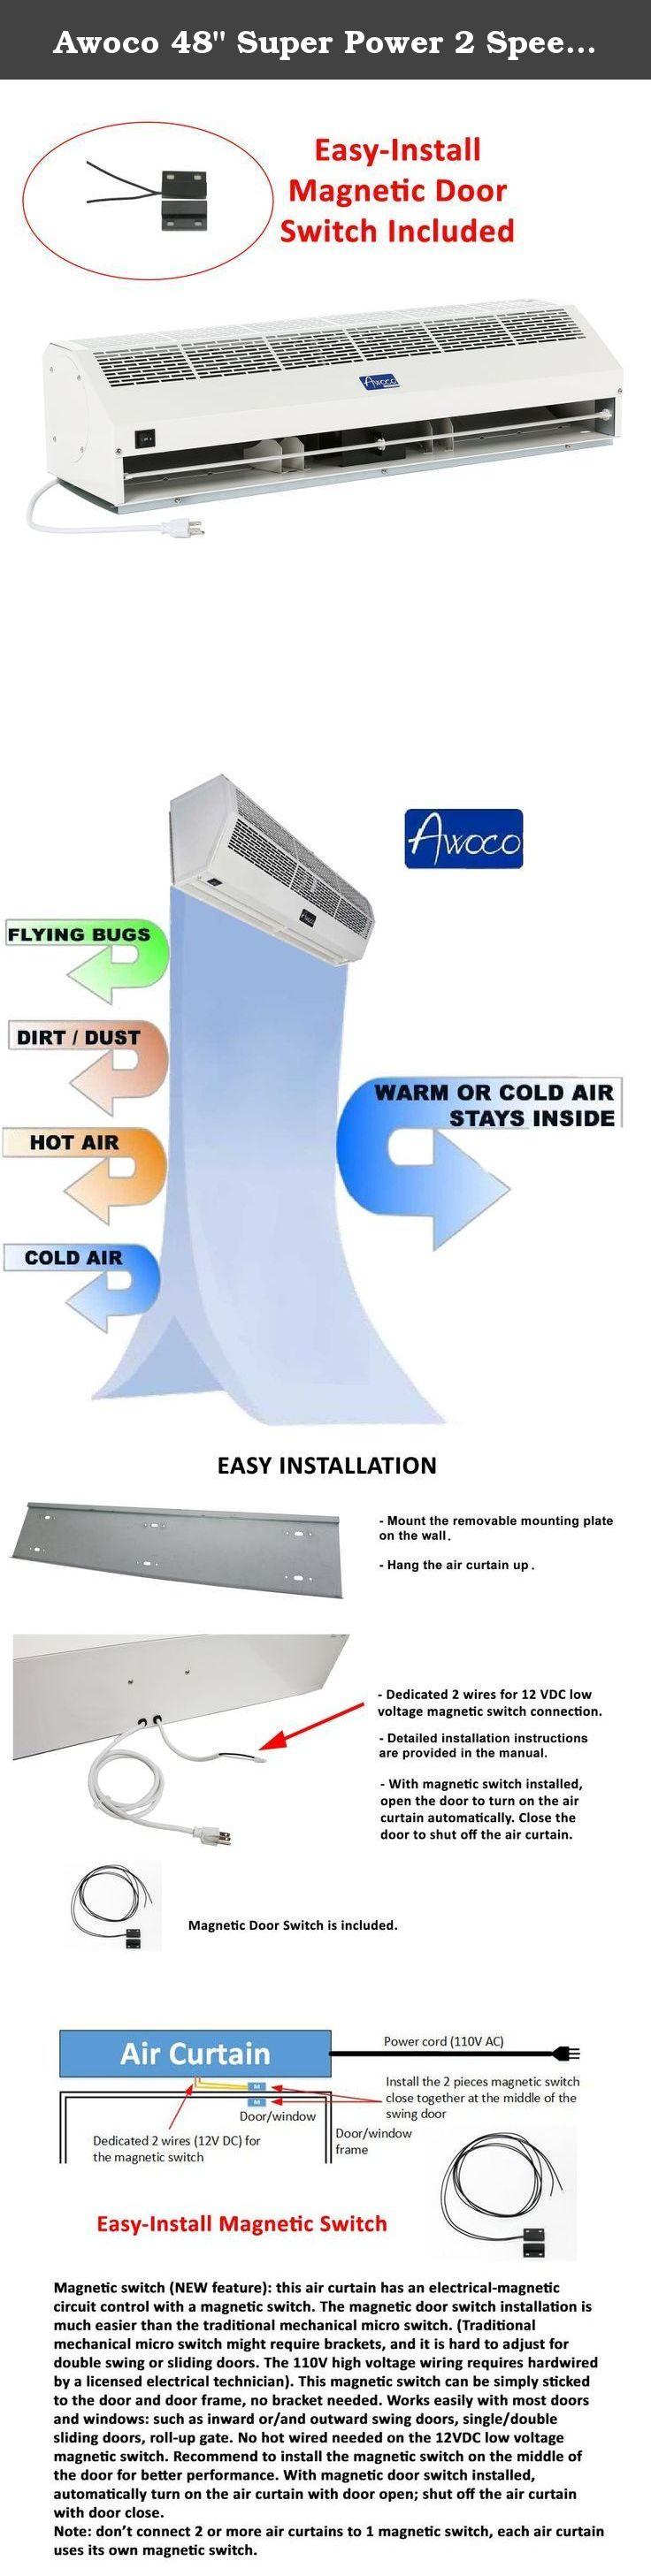 29 theodoor air curtain ideas air